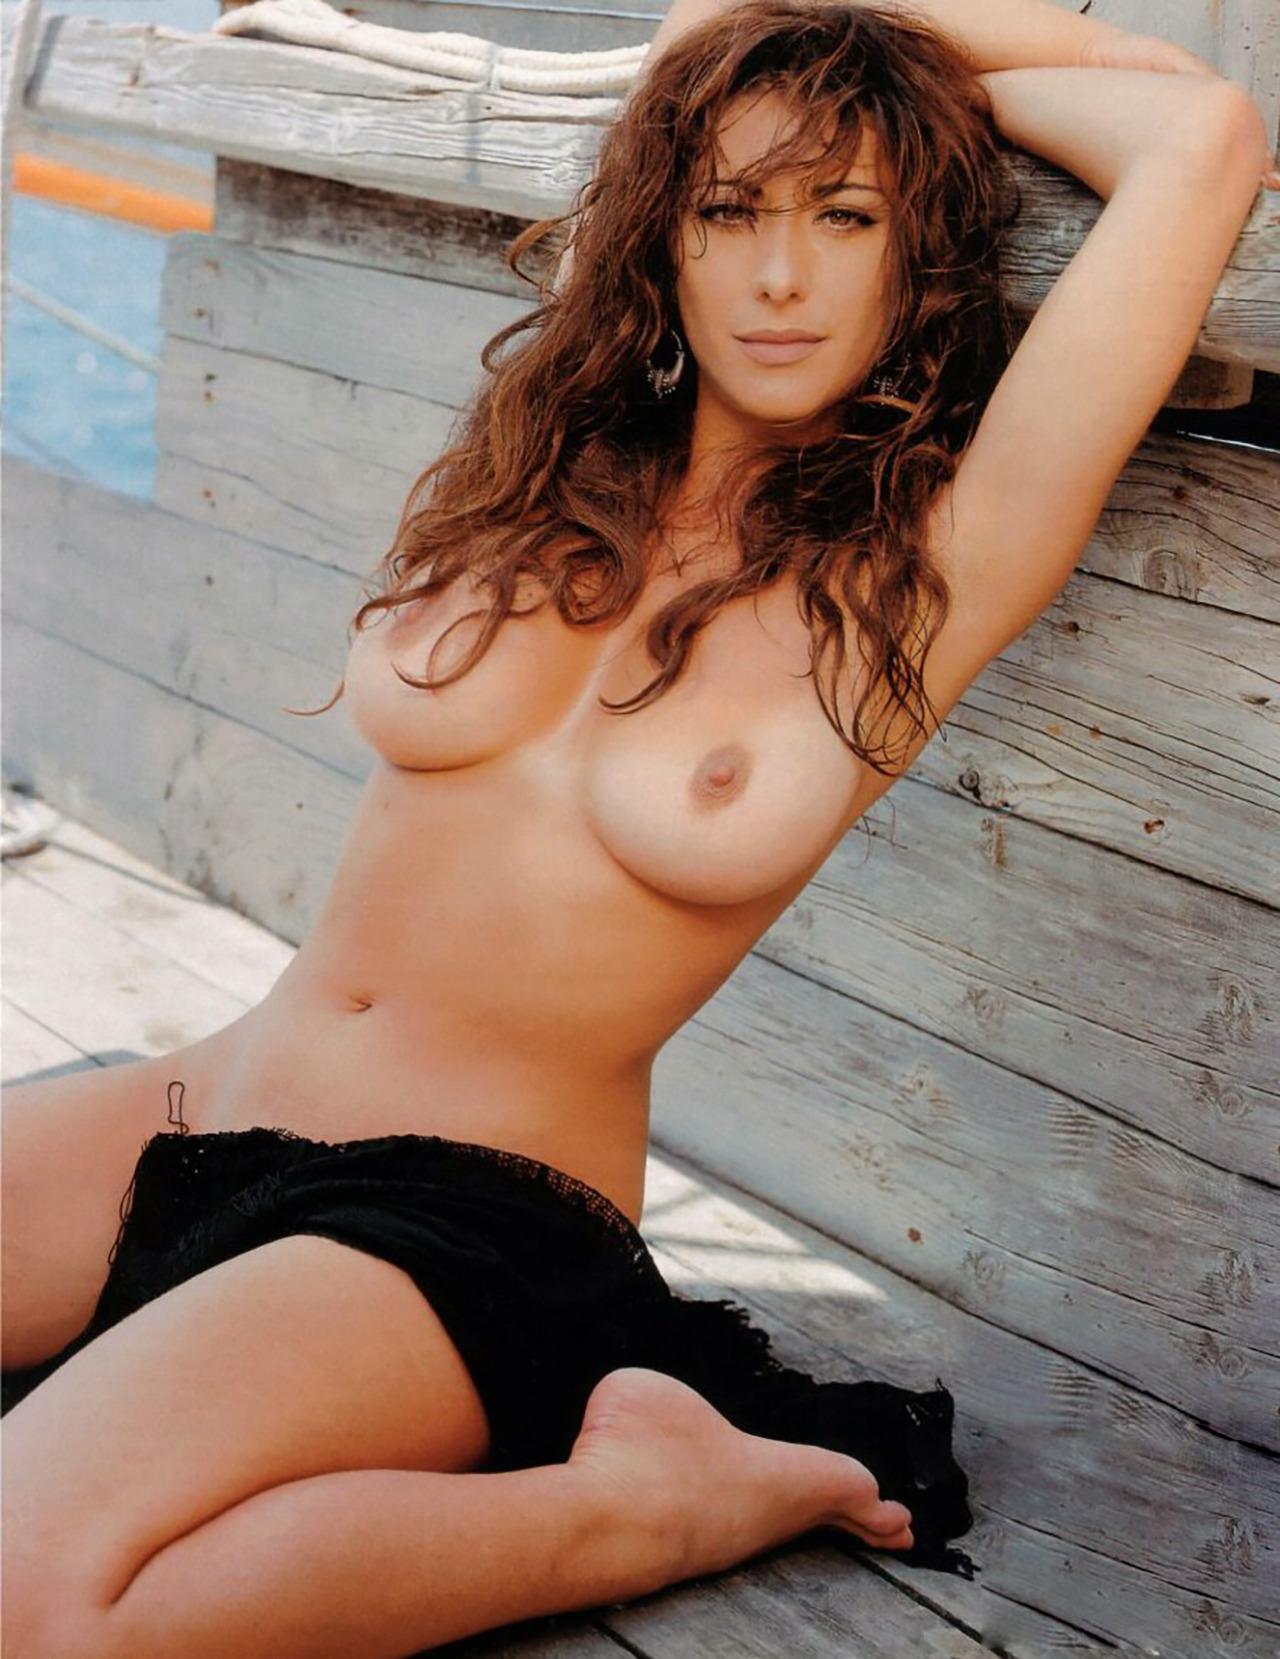 Эротические фото певицы сабрины, русская домохозяйка с большой попой трахается